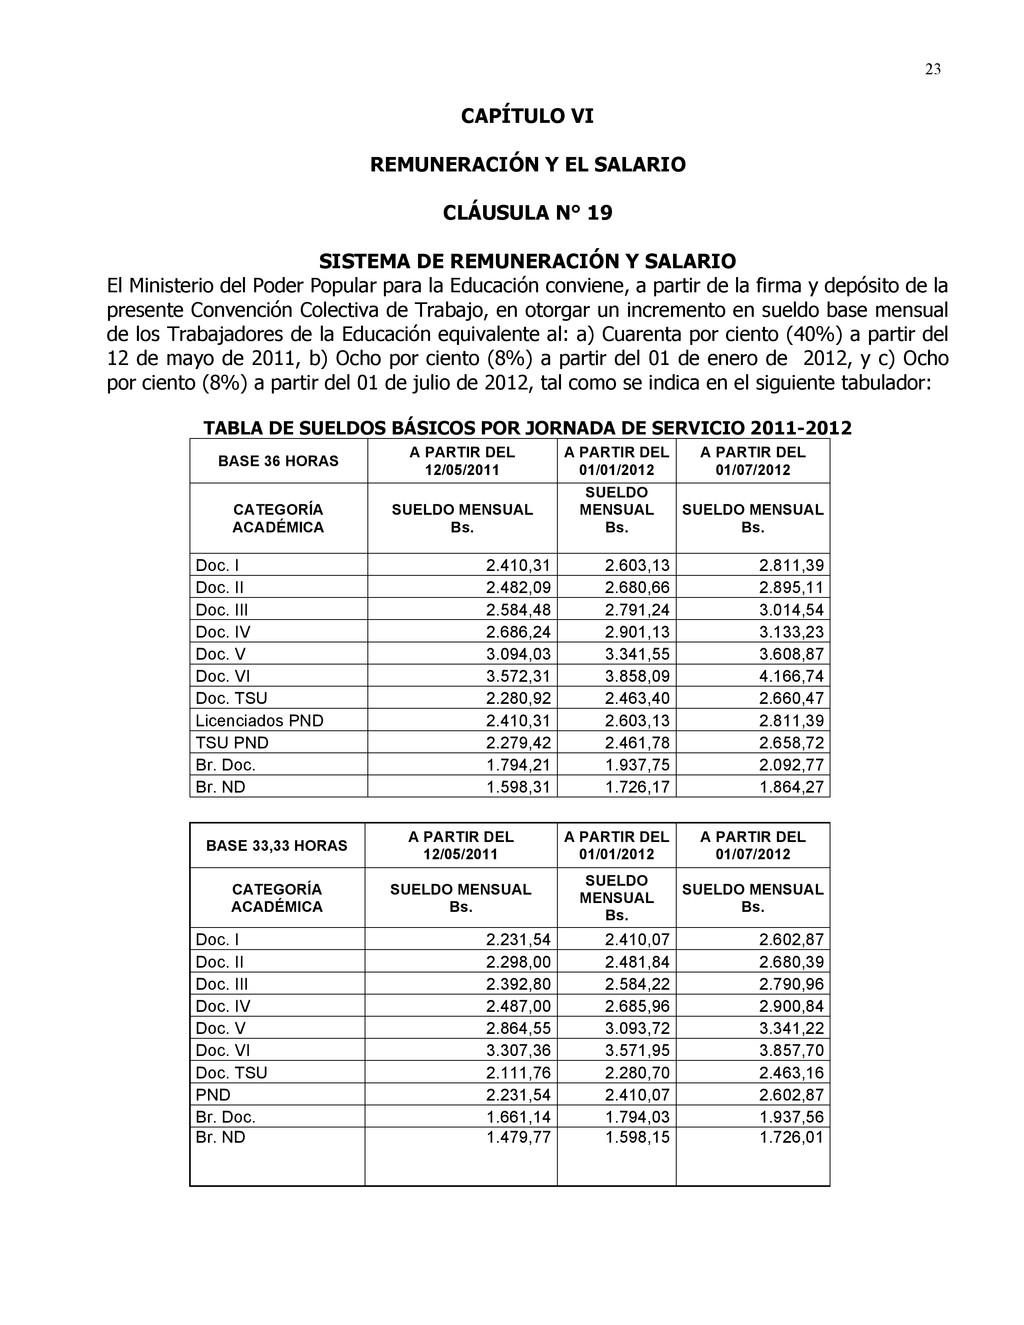 23 CAPÍTULO VI REMUNERACIÓN Y EL SALARIO CLÁUSU...